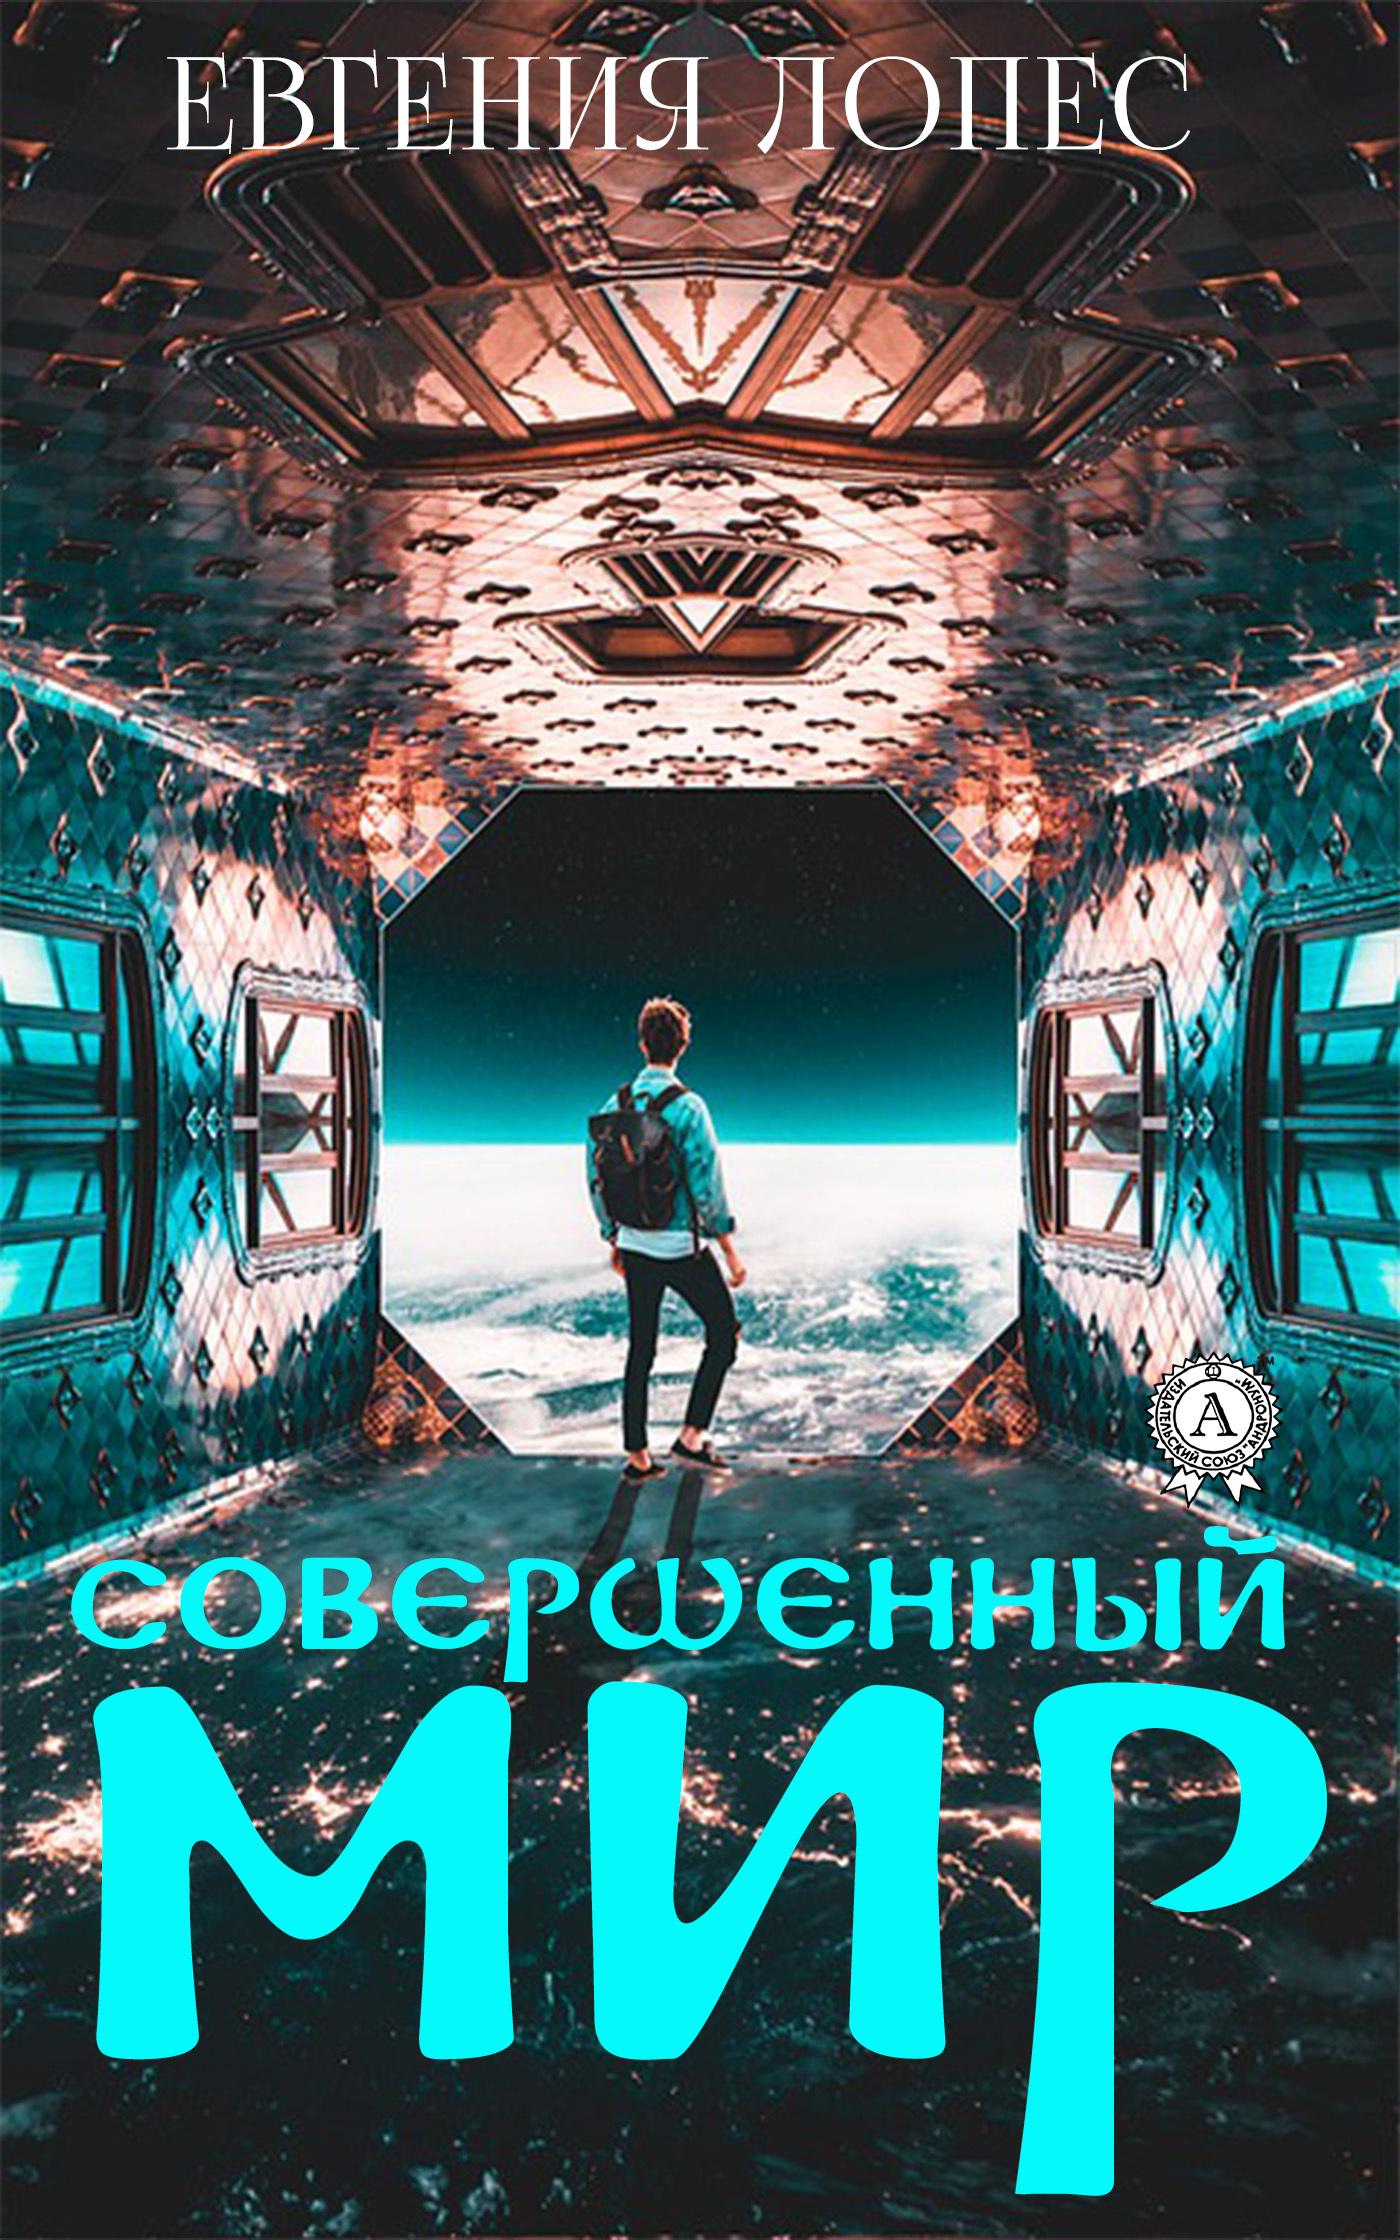 Купить книгу Совершенный мир, автора Евгении Лопес